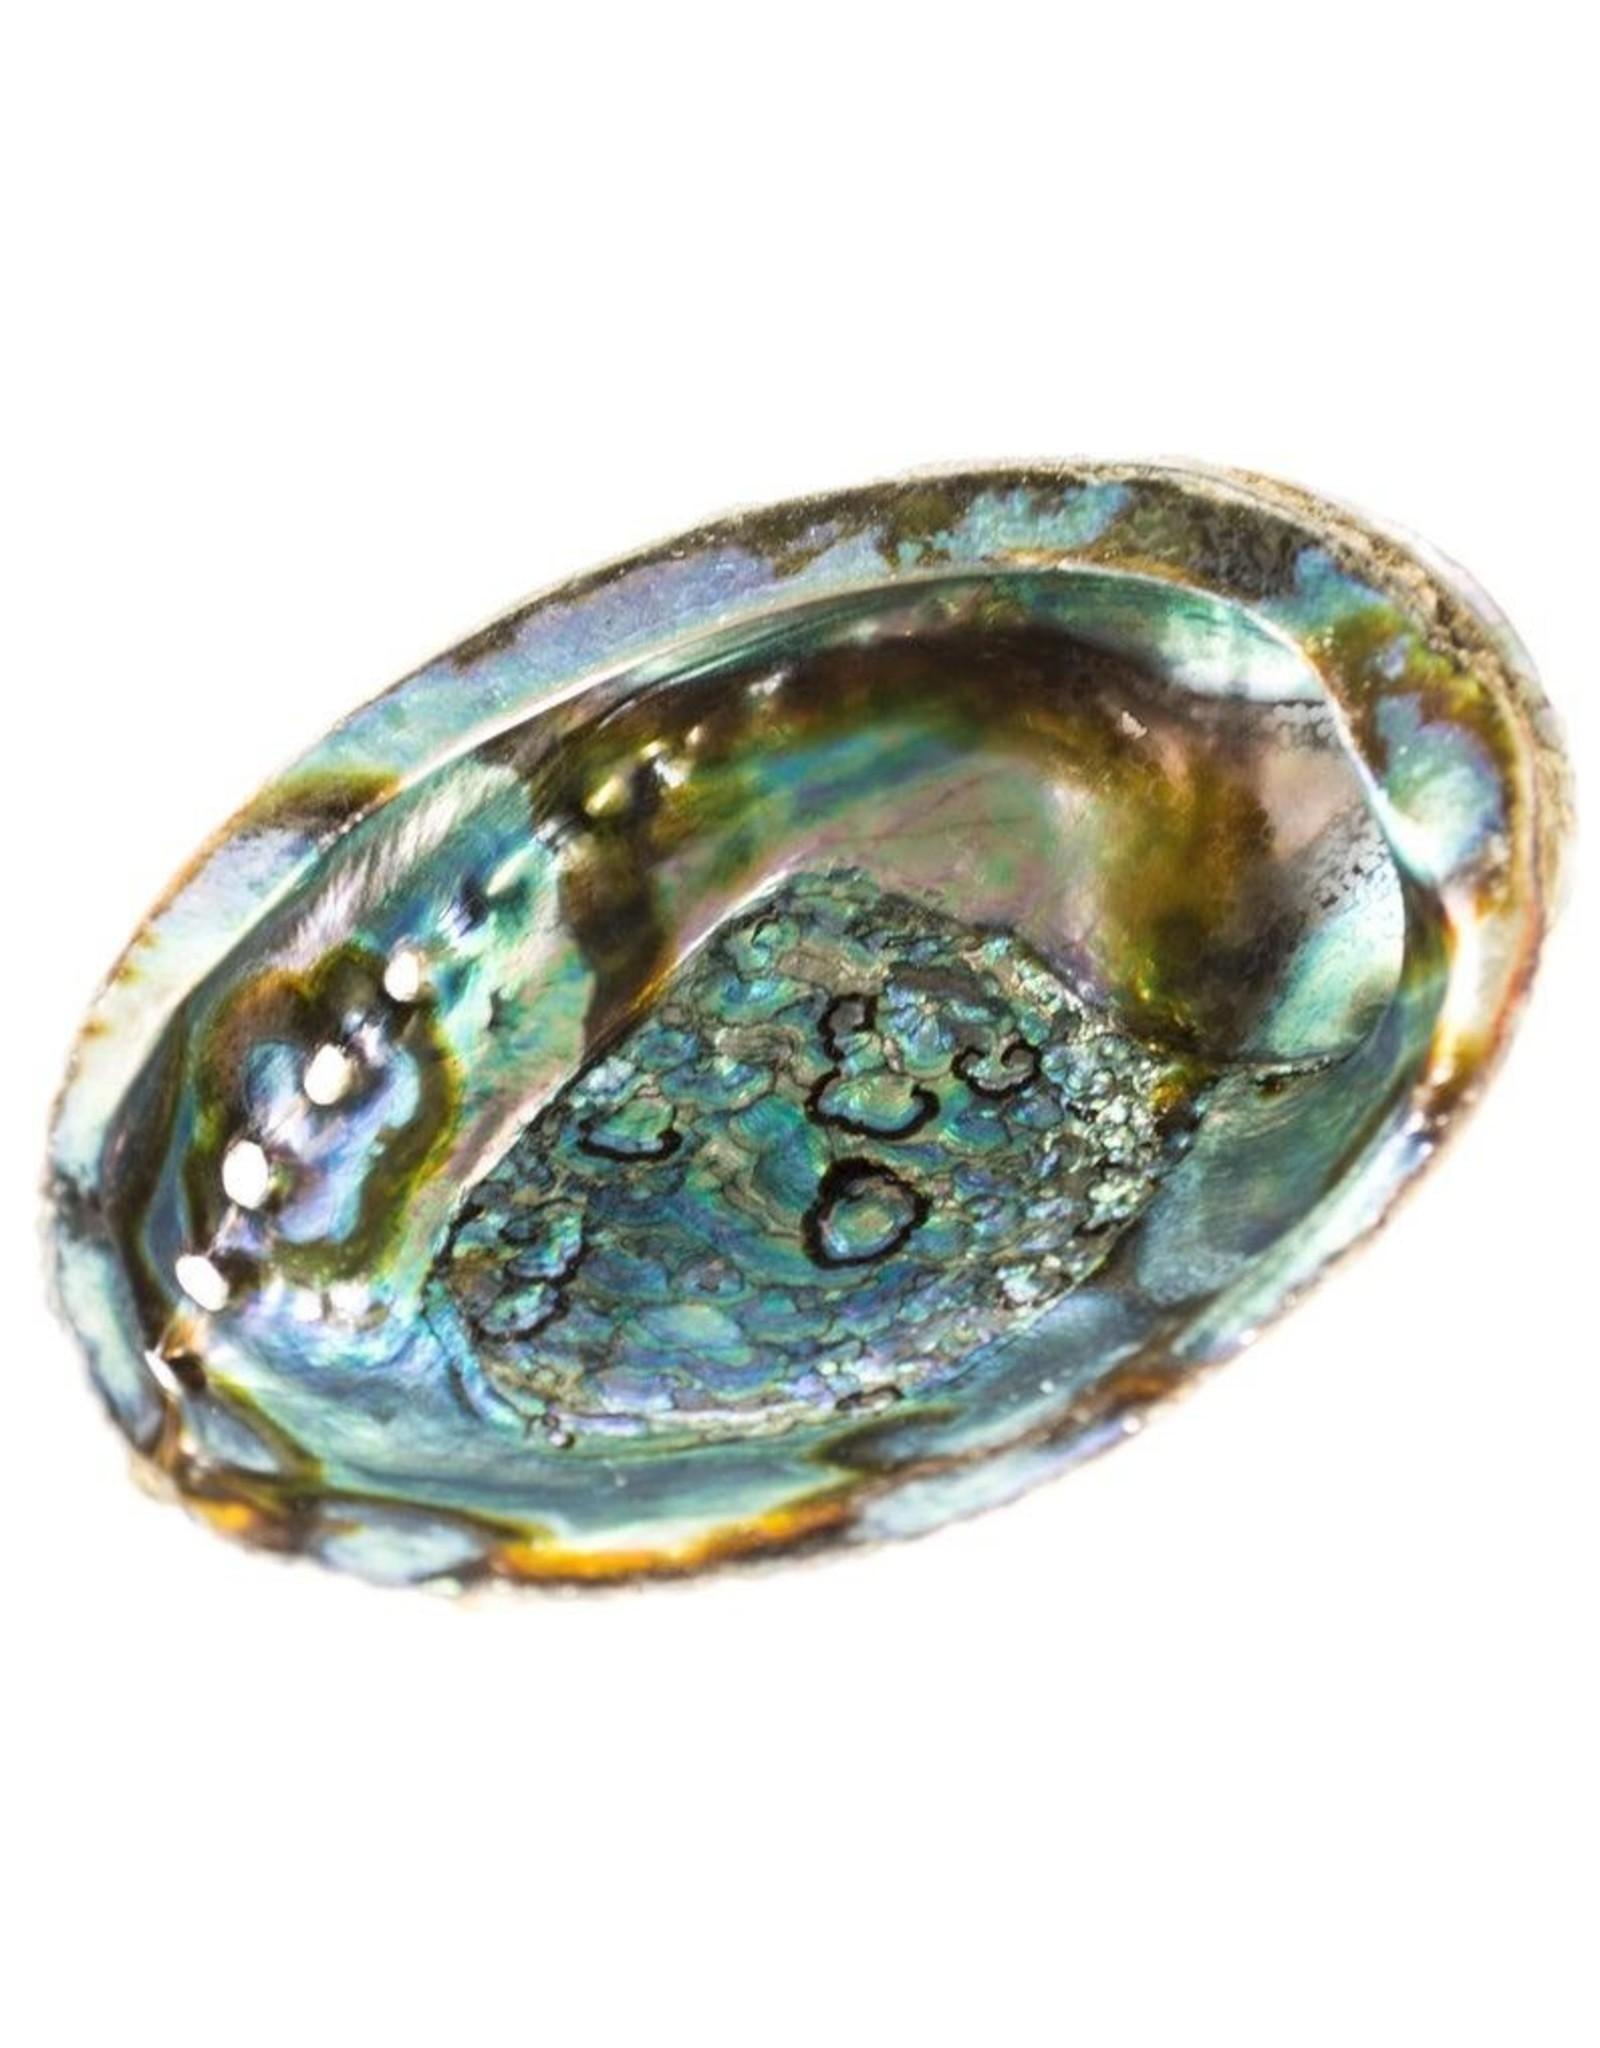 Abalone Shell One Side Polishied 5-6 inch